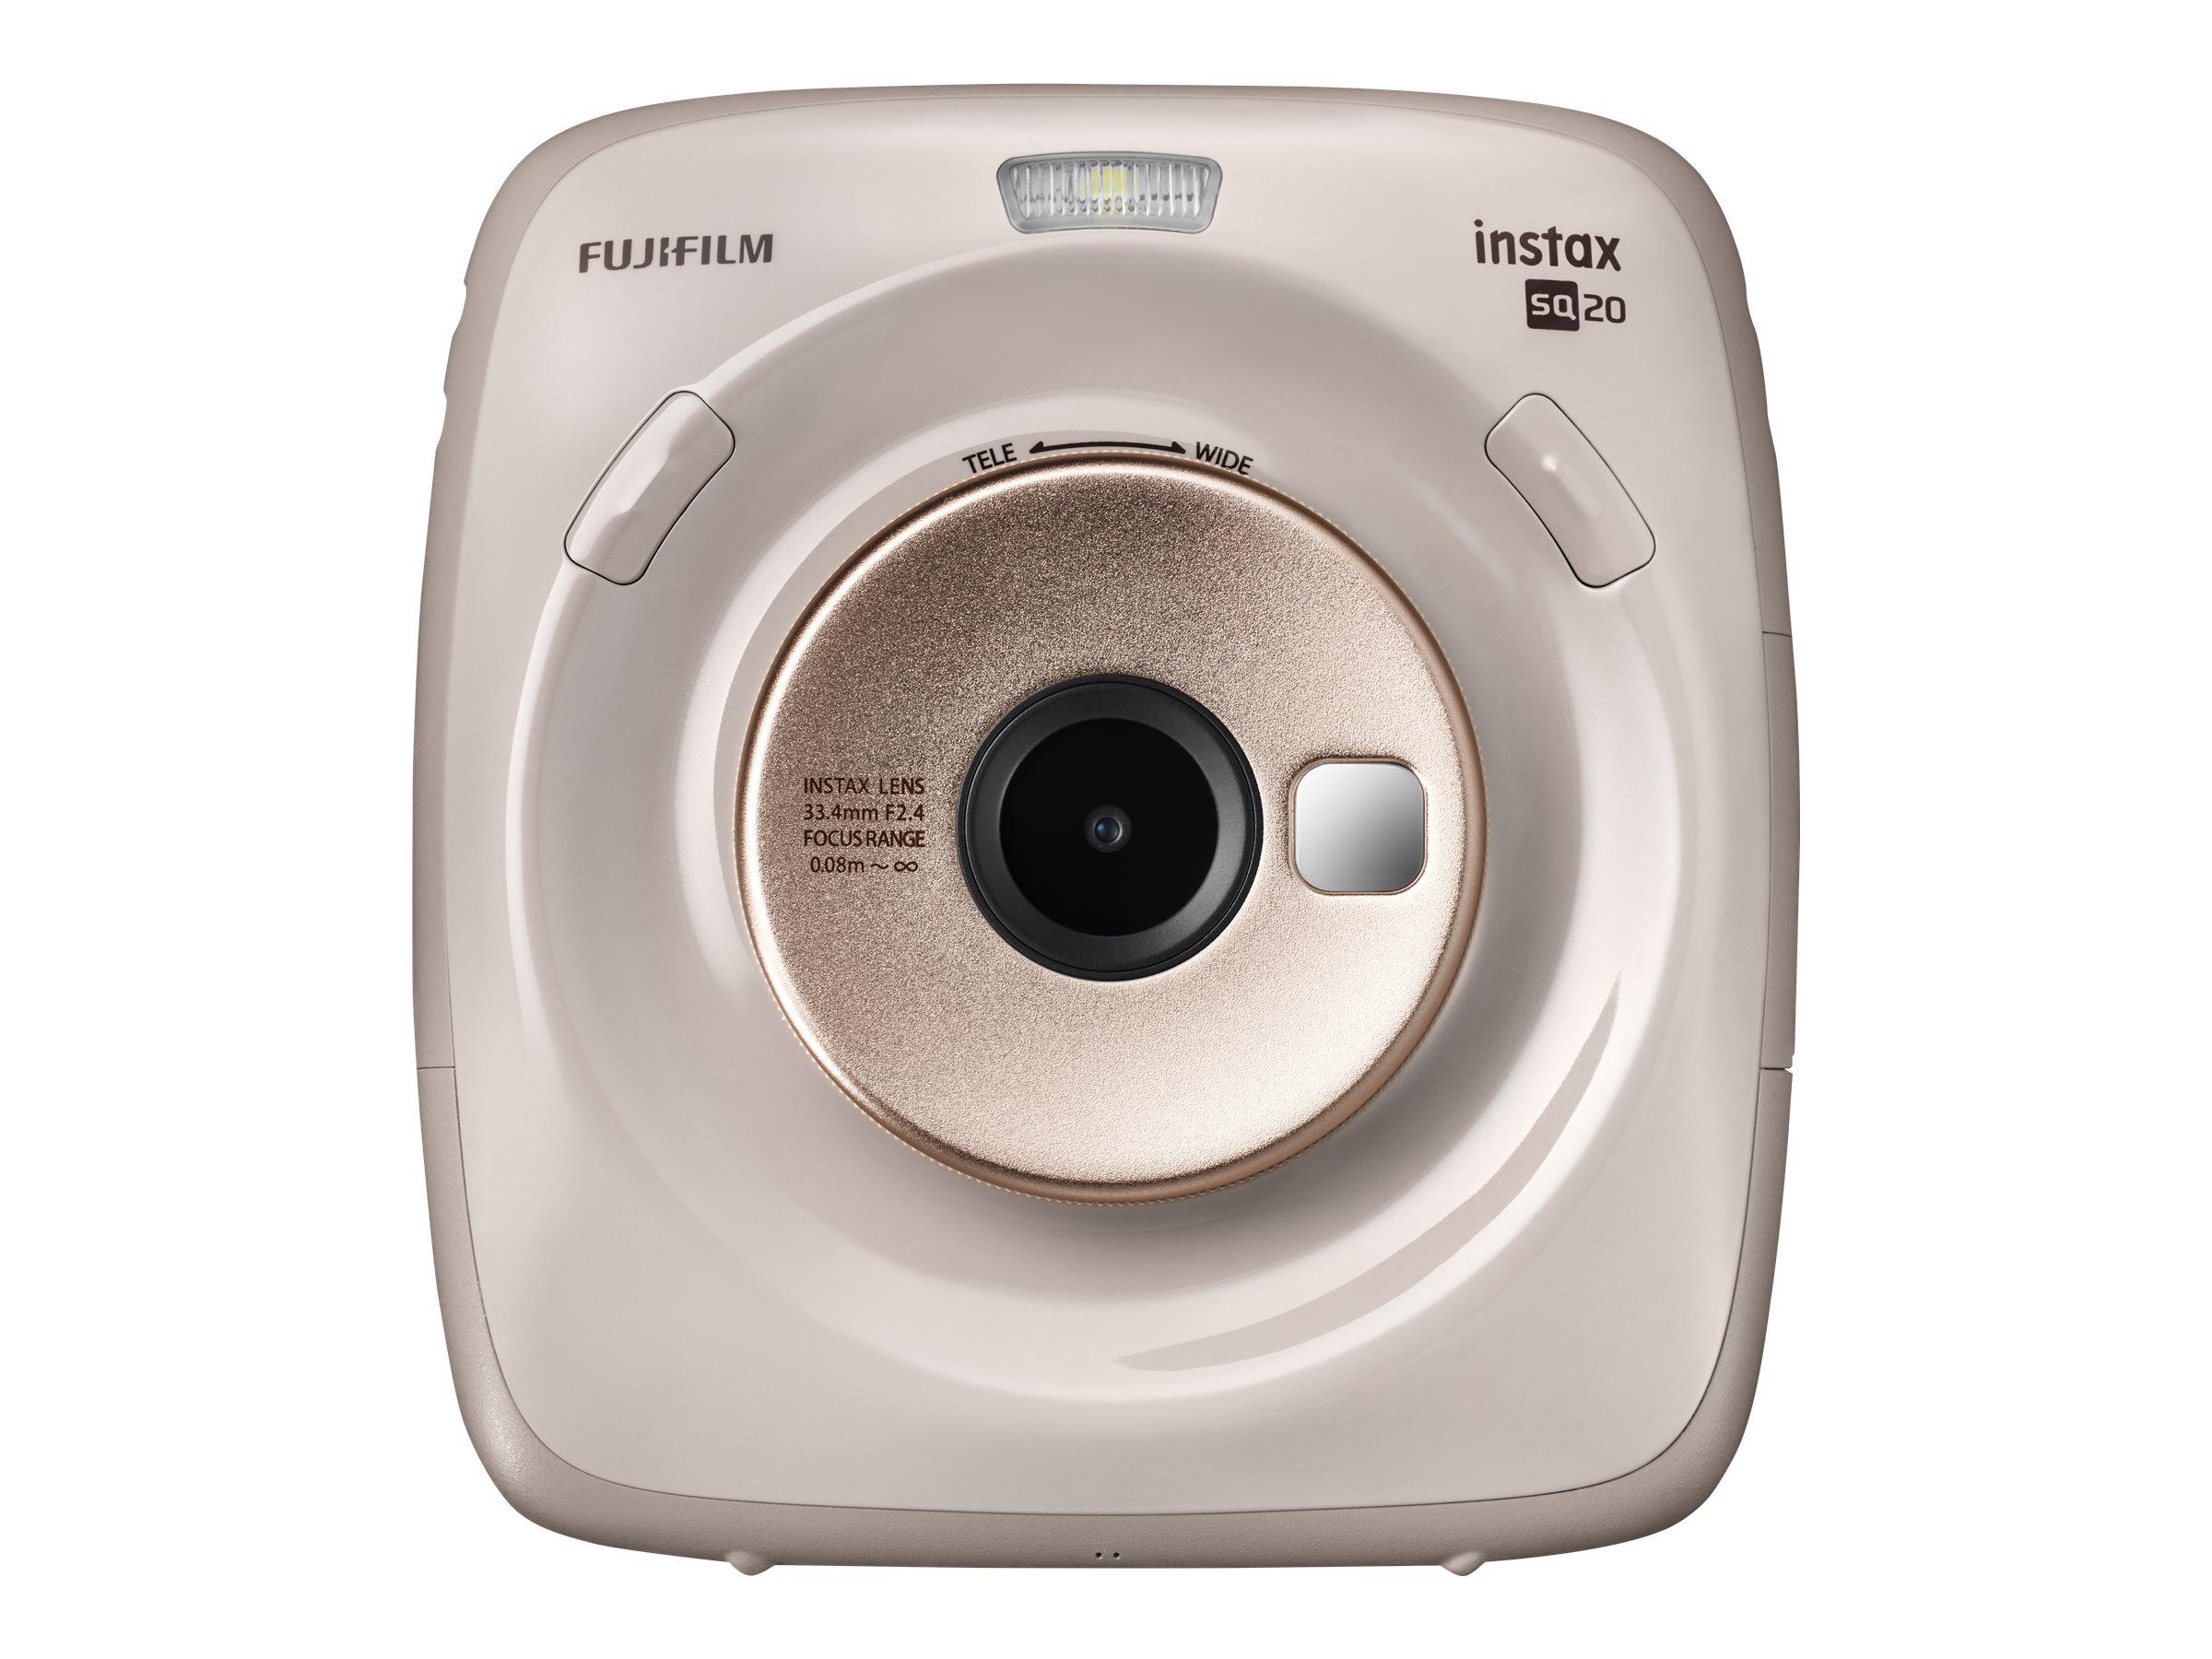 Fujifilm Instax SQUARE SQ20 - Digitalkamera - Kompaktkamera mit PhotoPrinter - 3.7 MPix / 15 BpS - beige